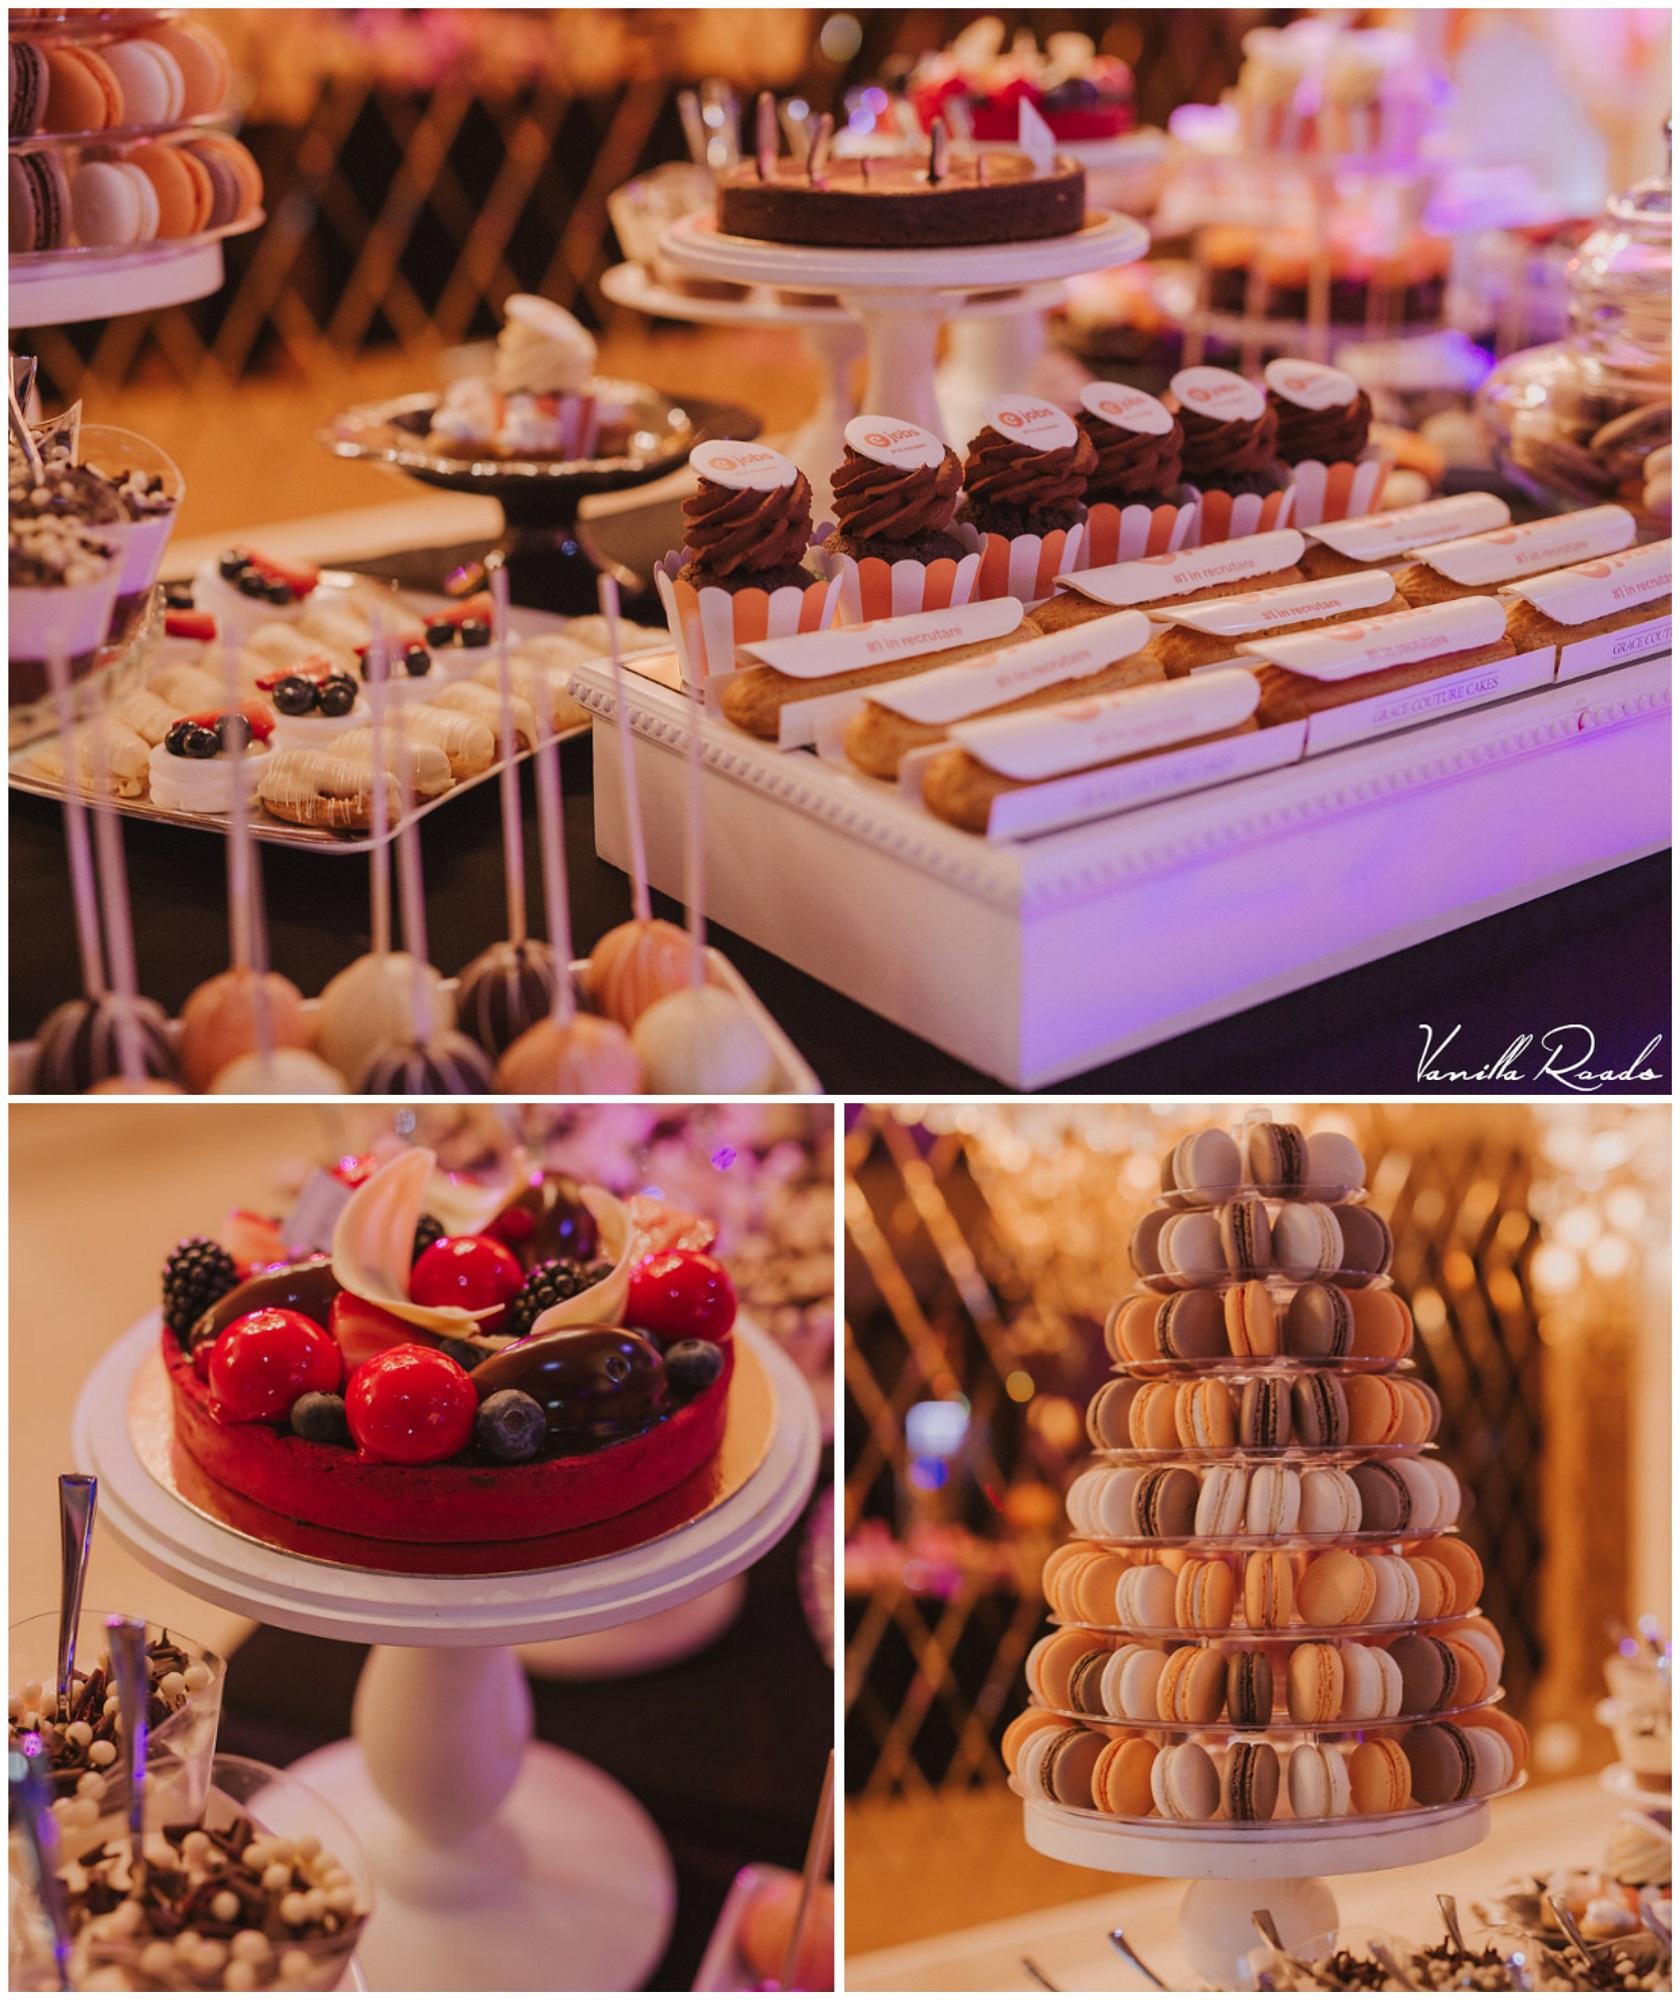 O mică parte din candy bar-ul realizat de Grace Couture Cakes pentru #HappyParty eJobs 2016